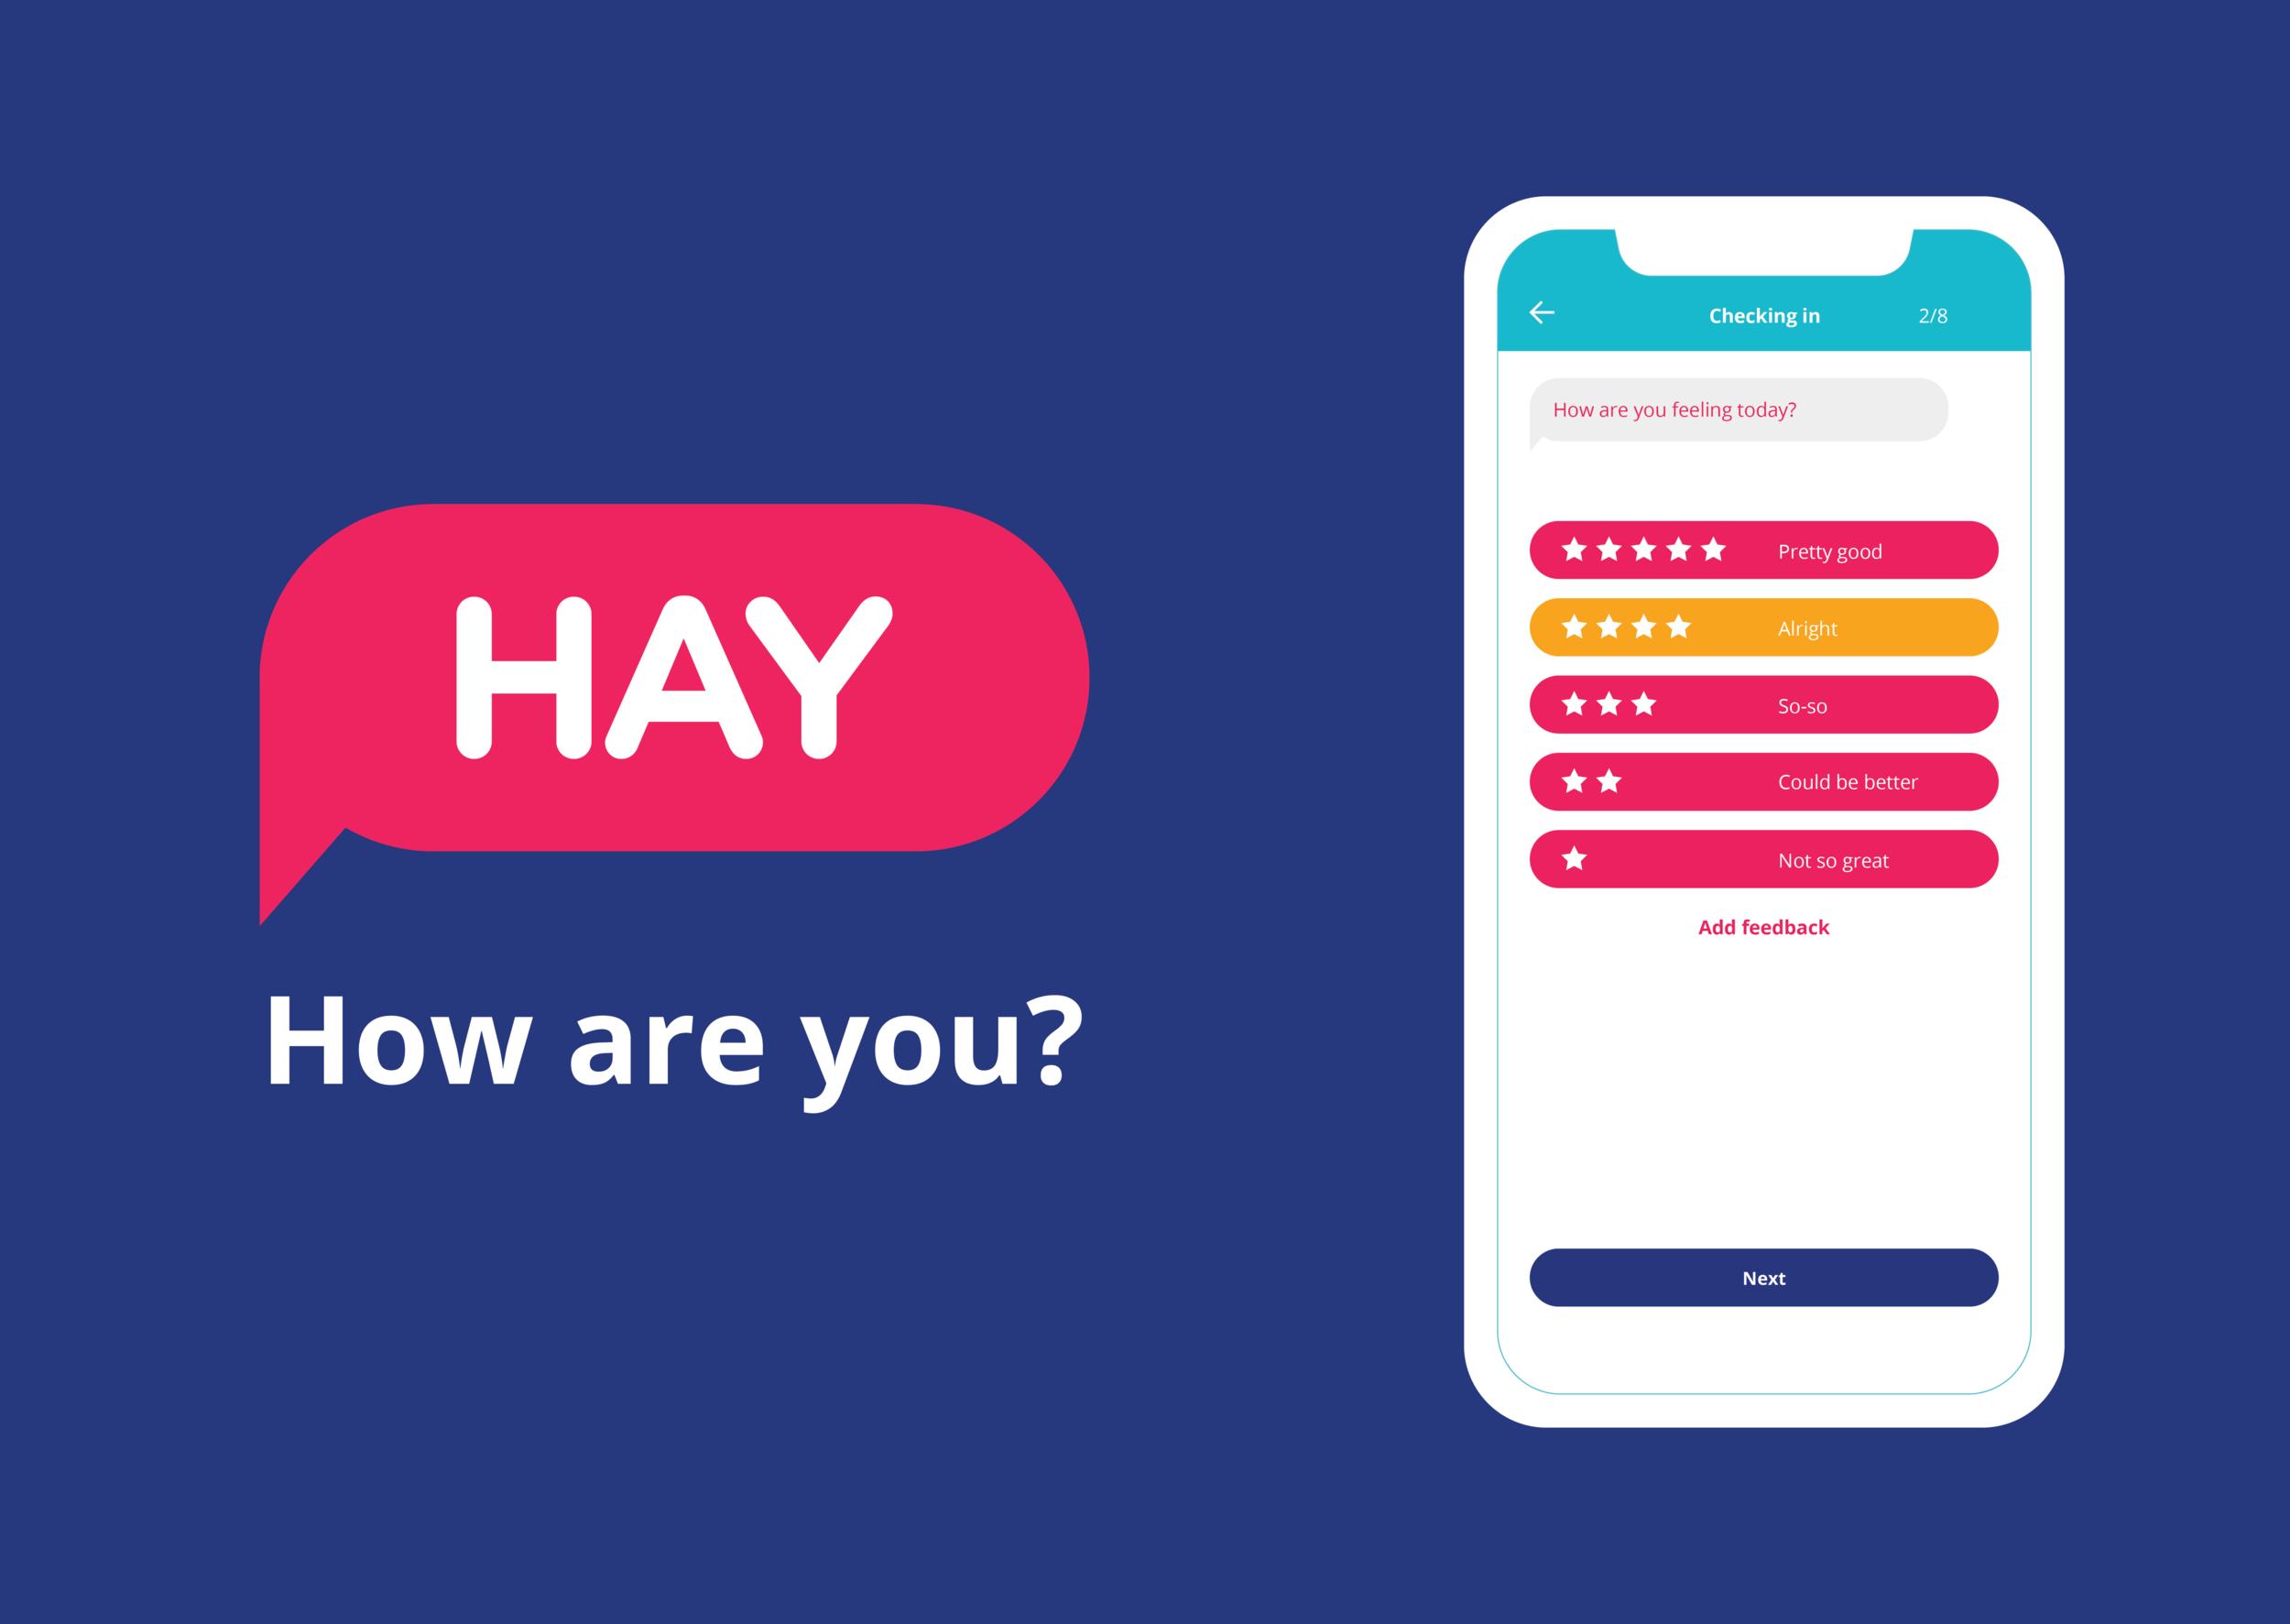 HAY app